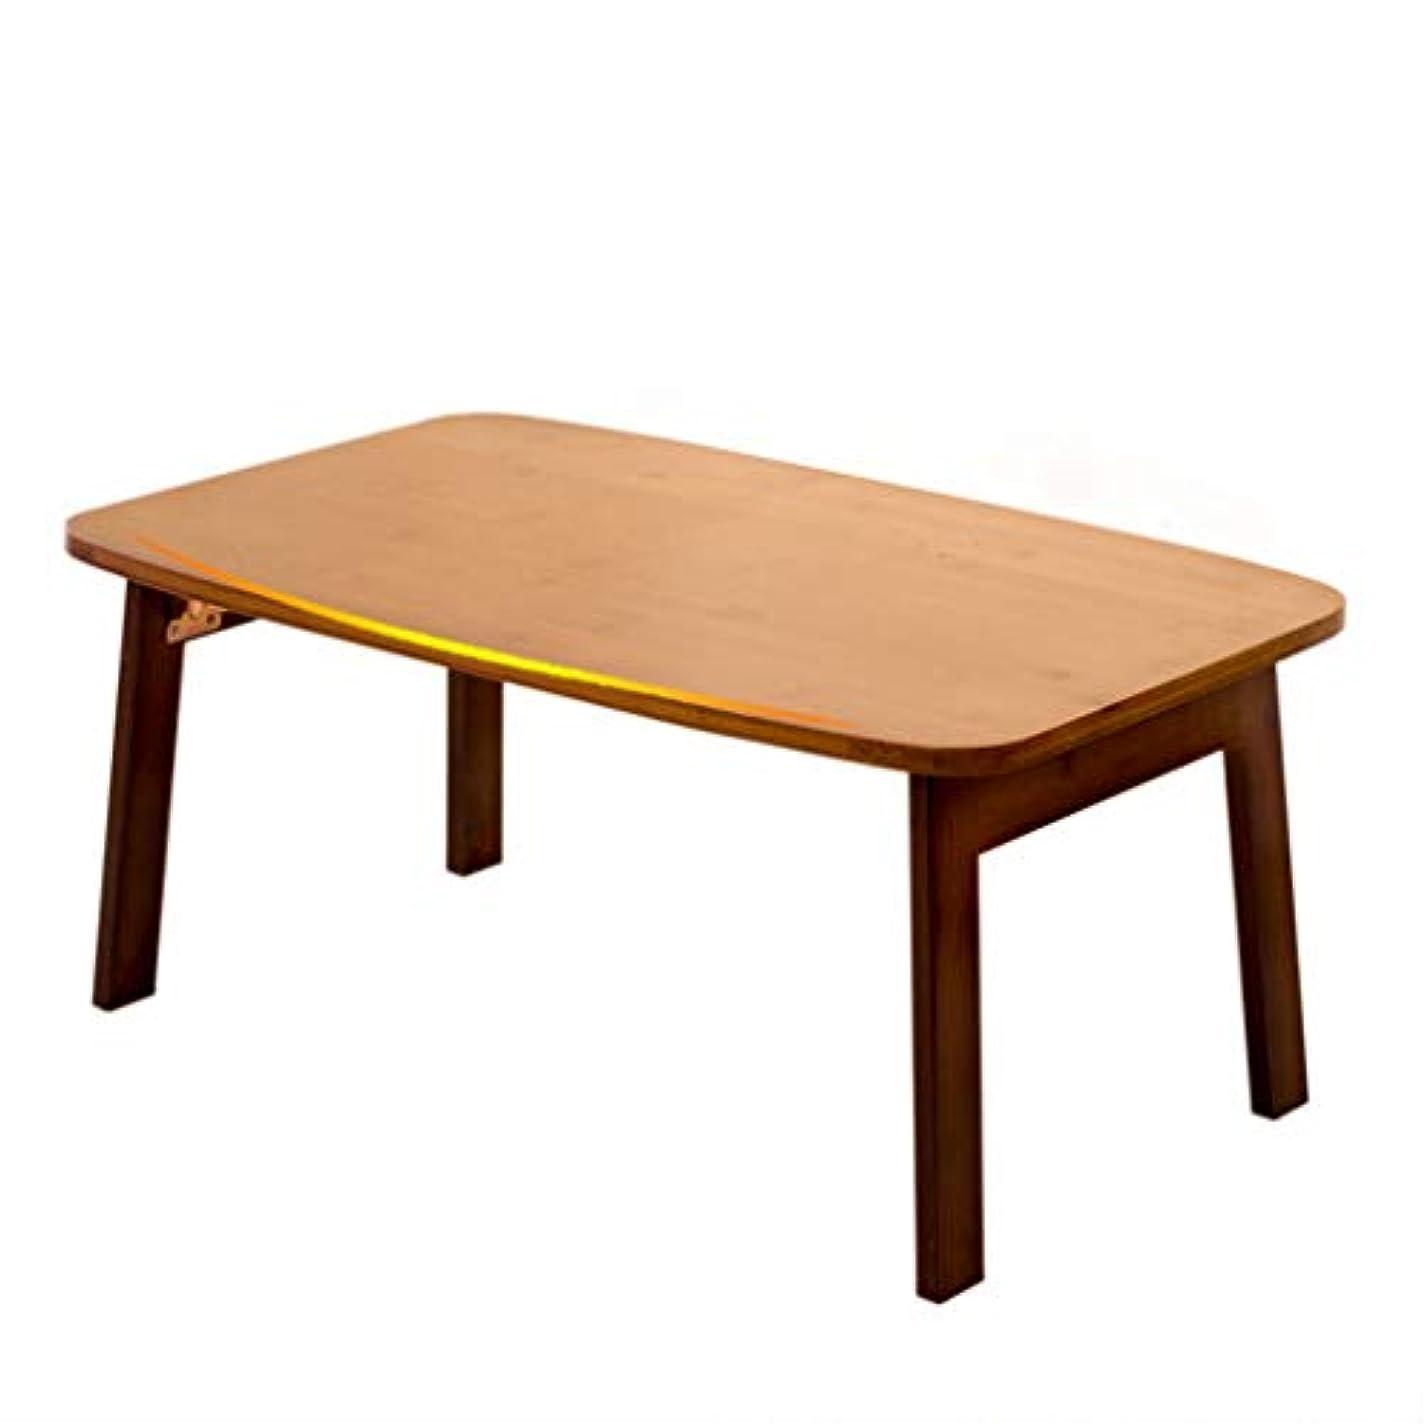 NJ 折りたたみ式テーブル- 多機能折り畳み式ラップトップデスク、家族寮の子供用デスク (色 : Brown, サイズ さいず : 60x40x26cm)